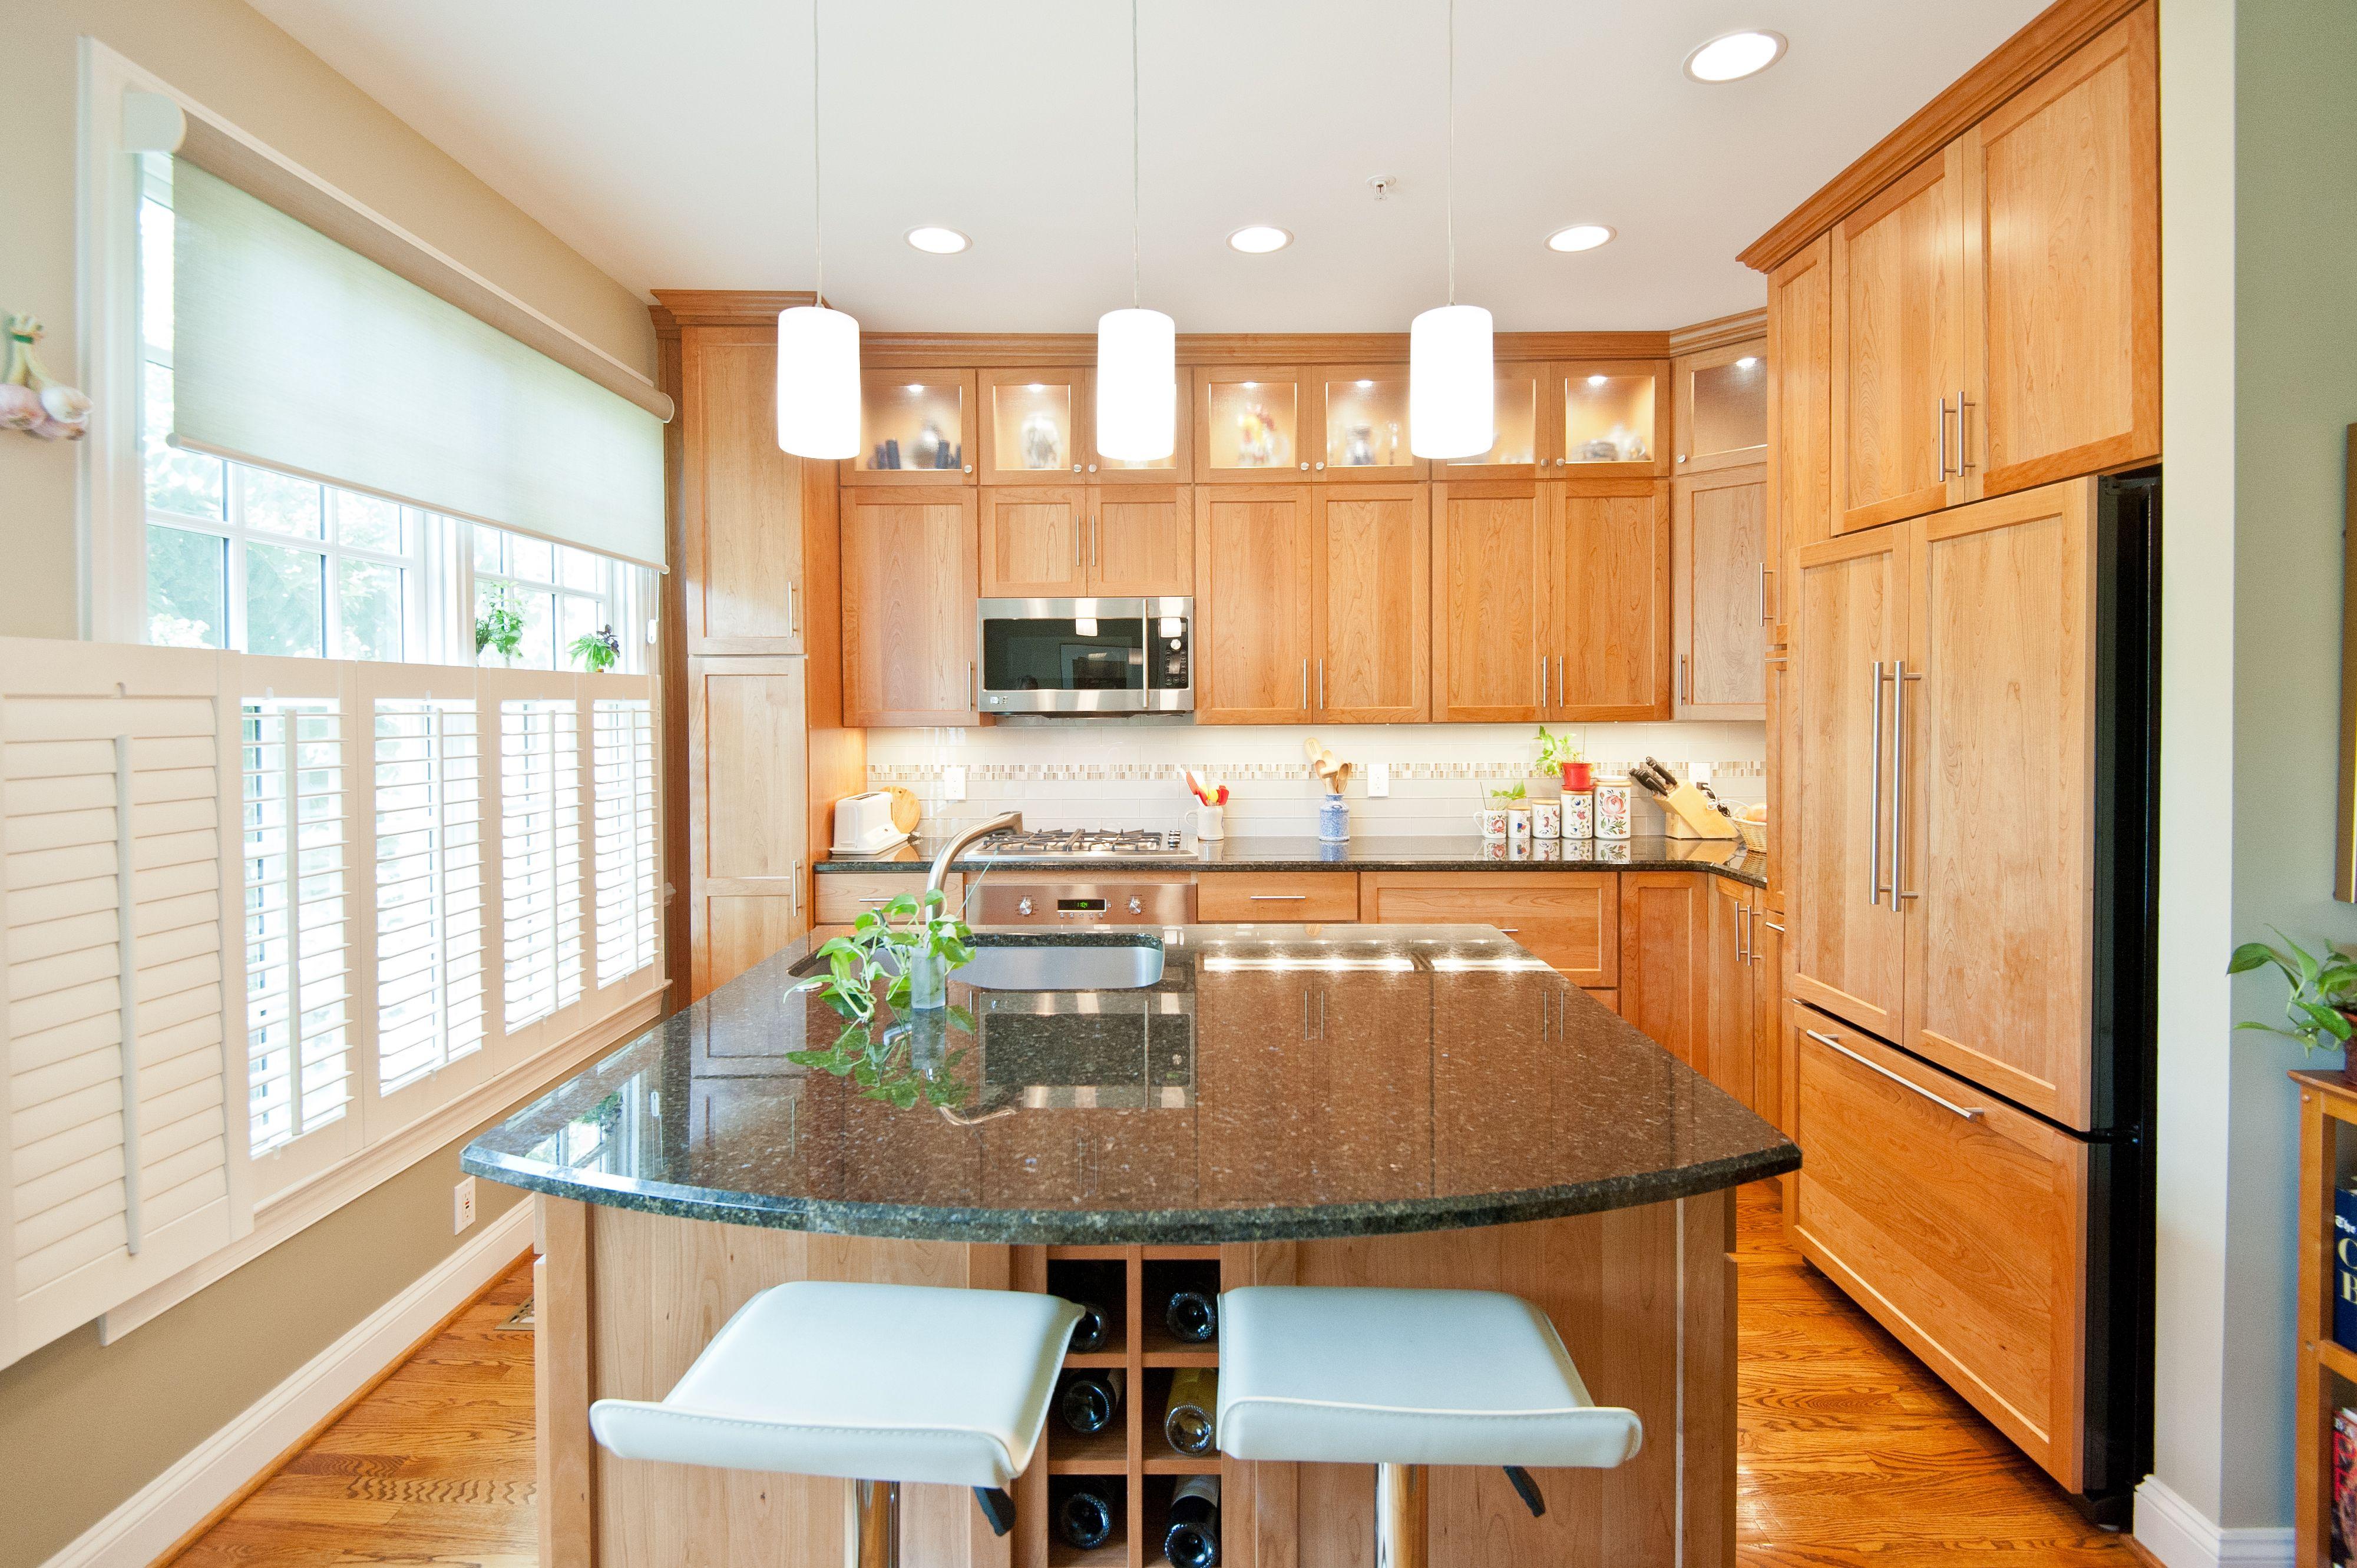 Alexandria, VA Kitchen #kitchen #kitchendesign #kitchenremodel  #dreamkitchen #interiordesign #homerenovation